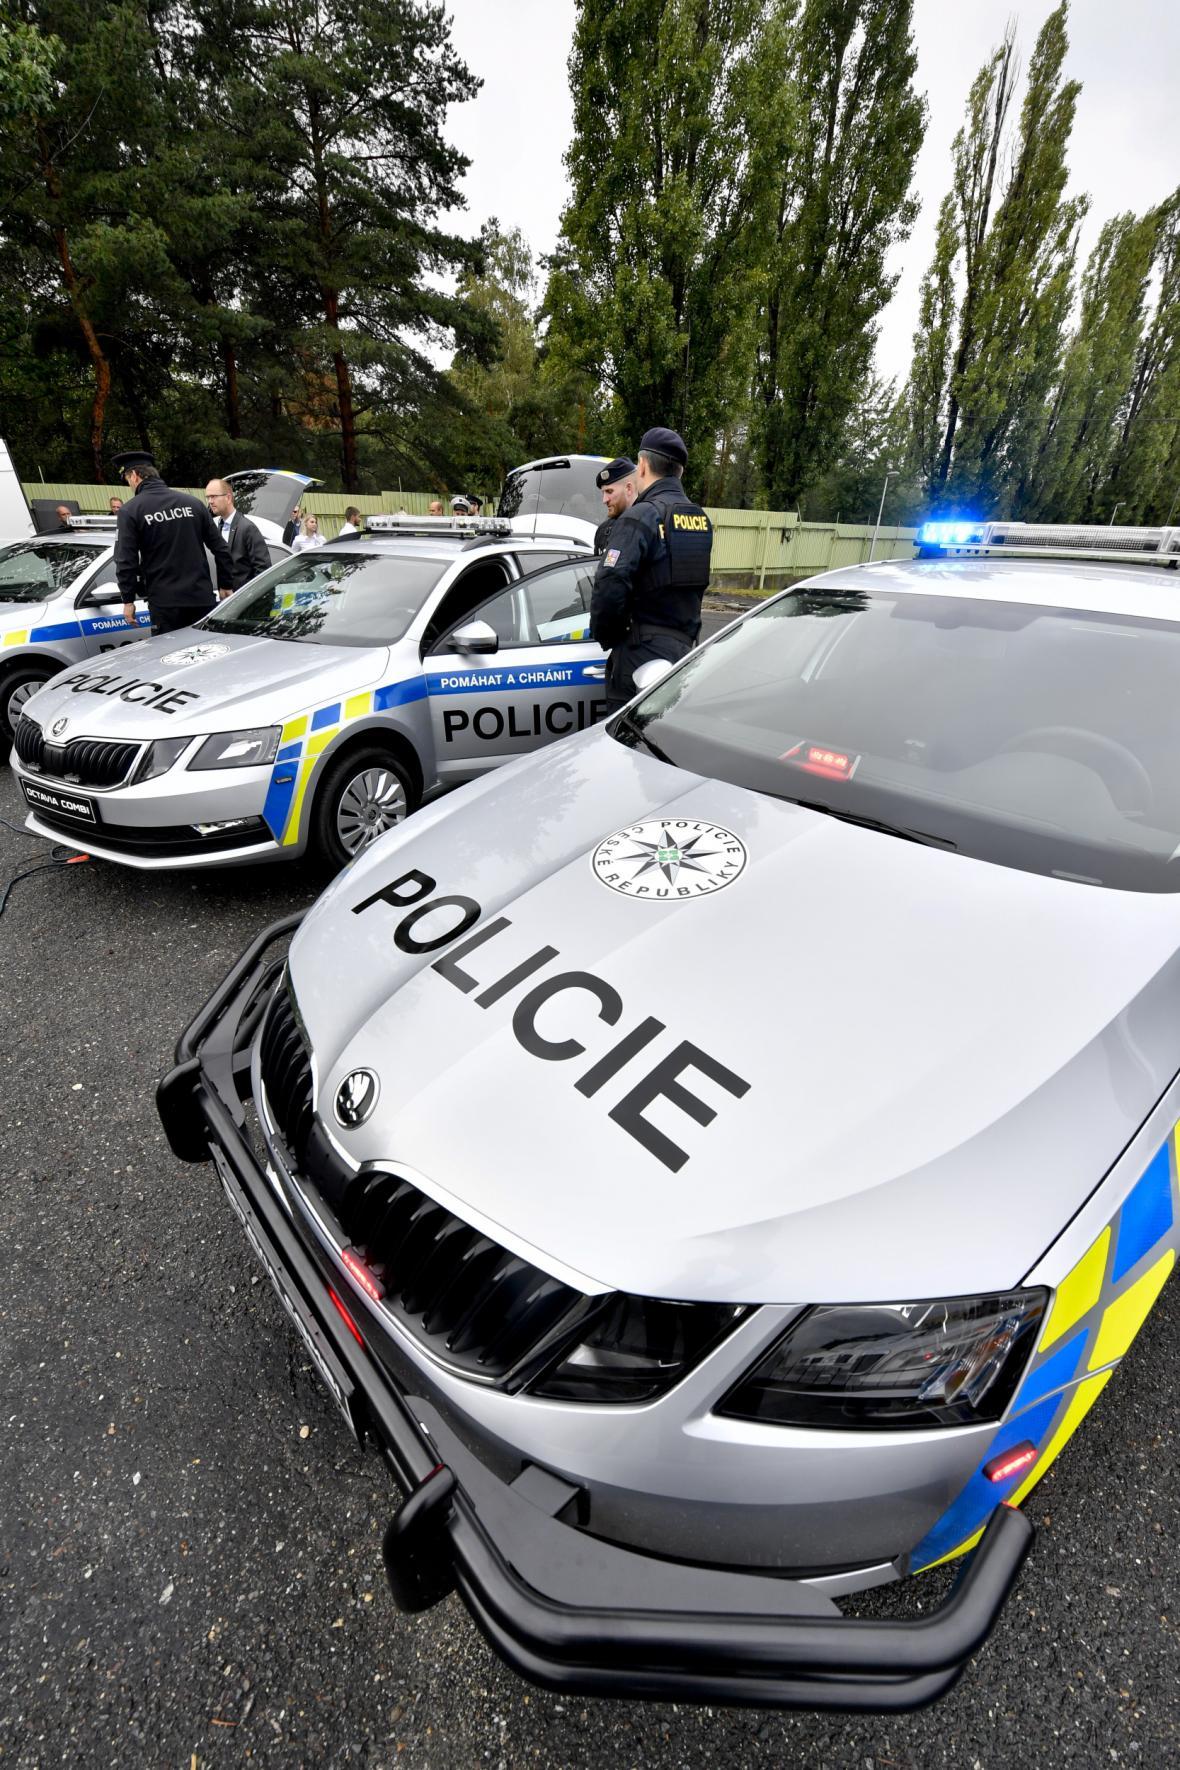 Policejní auta s rámy